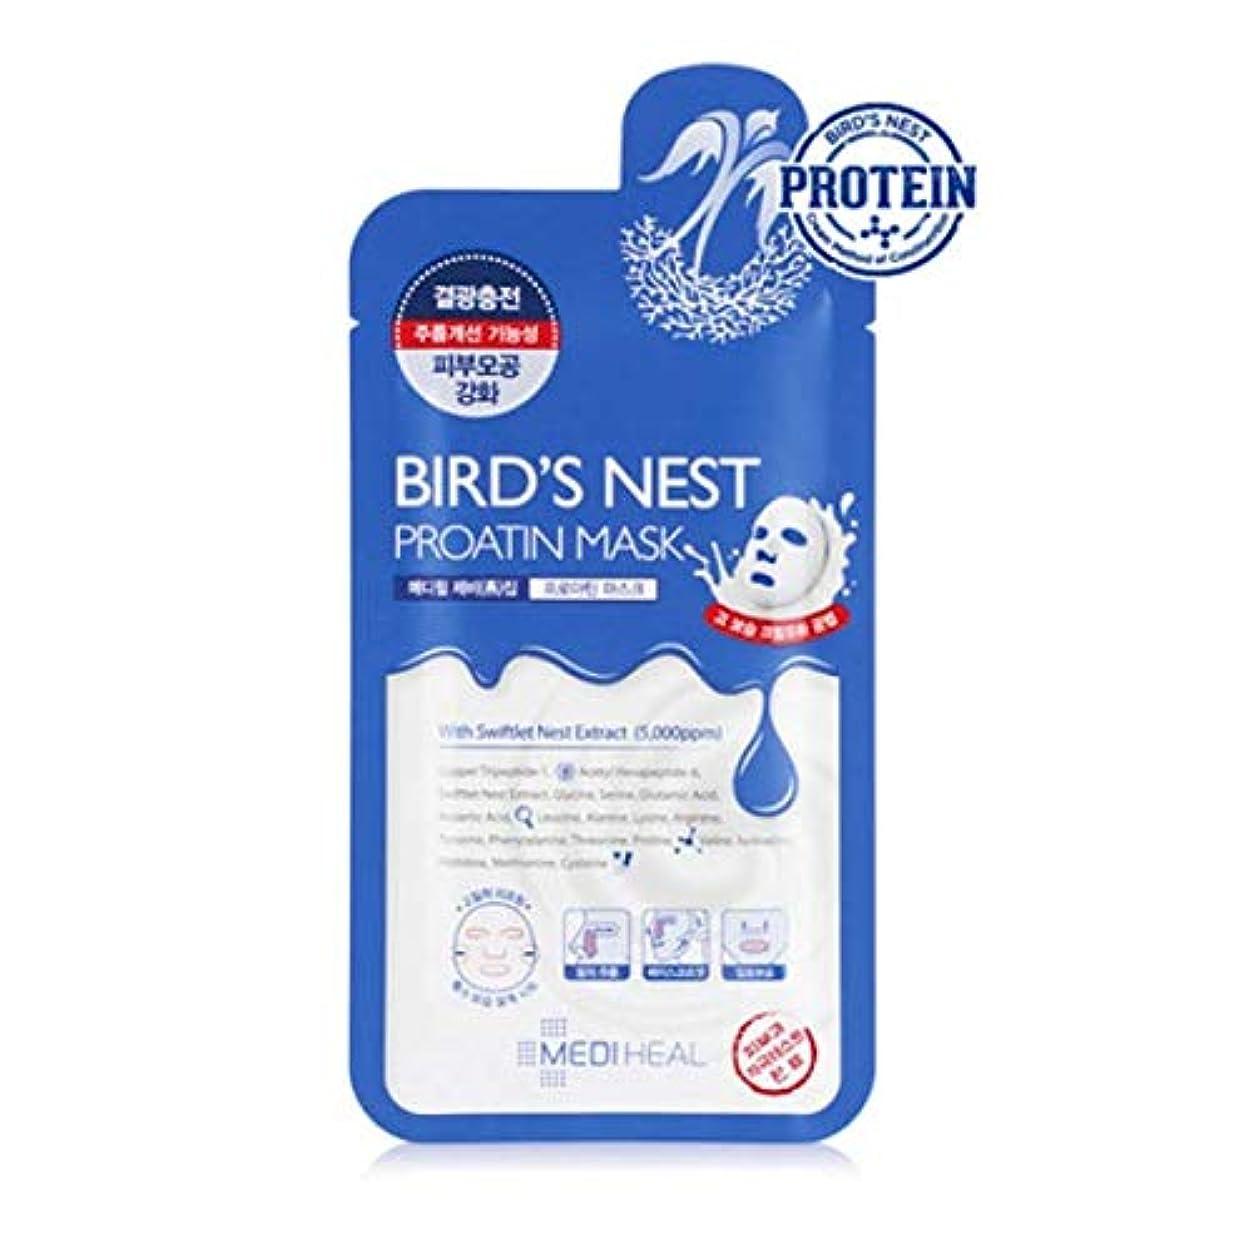 骨怠ビルマ【MEDIHEAL】 Bird's Nest Proatin Mask 25ml 【ディヒール】 メ鳥の巣 プロアチンマスク 5 枚 [並行輸入品]